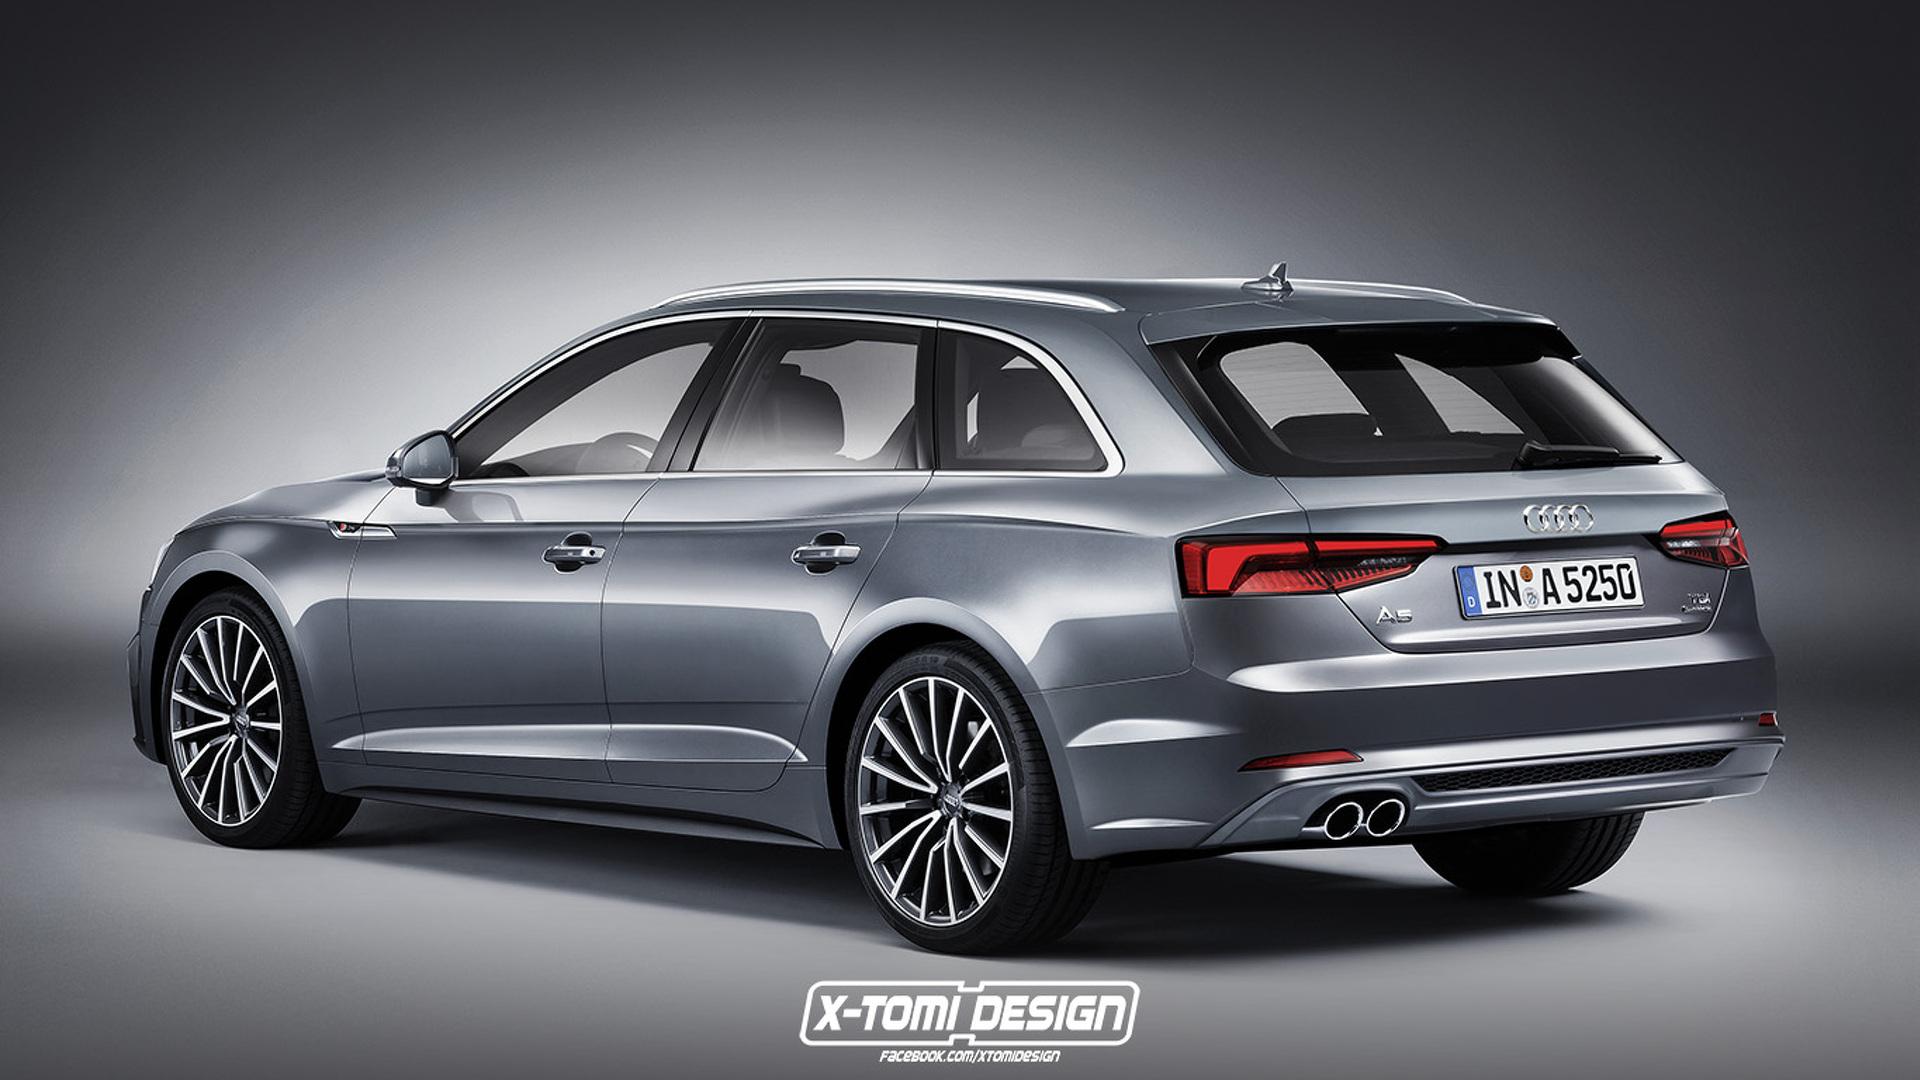 Kelebihan Kekurangan Audi A5 Avant Perbandingan Harga